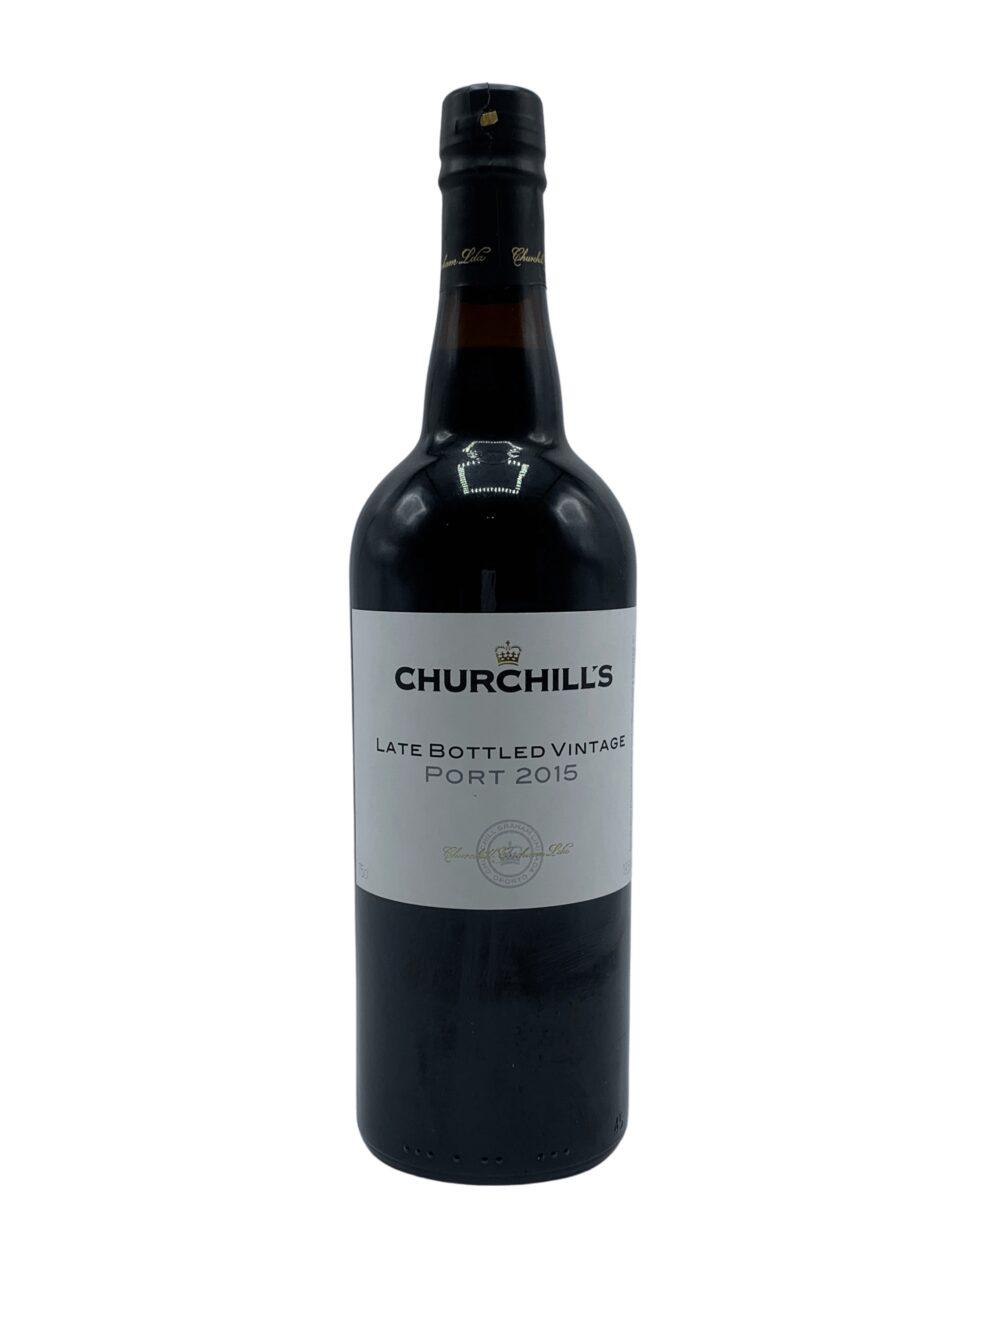 Porto Churchills Late bottled vintage